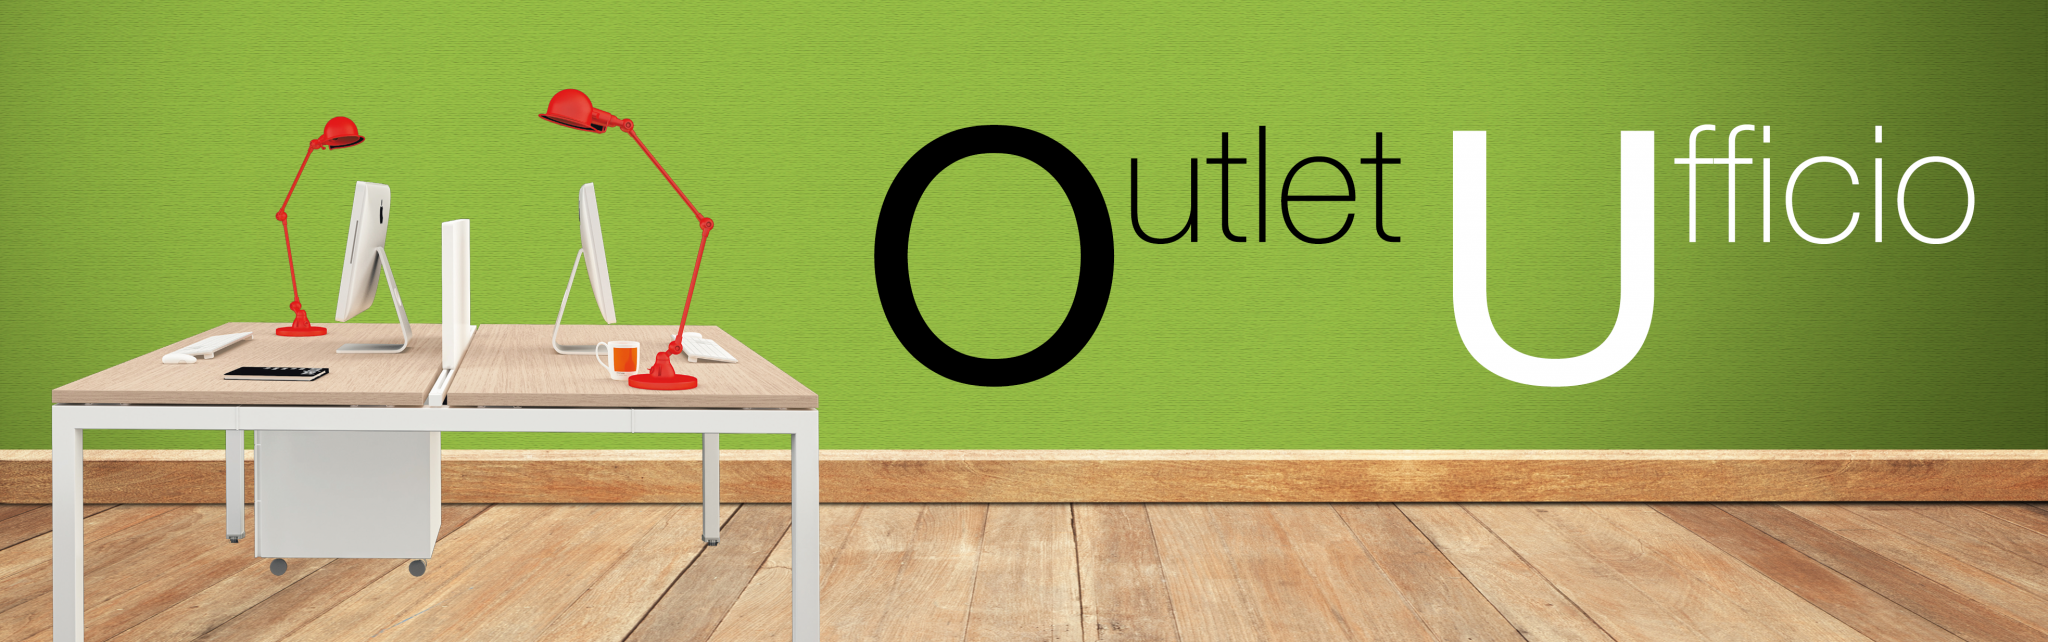 Outlet Arredamento Puglia.Outlet Mobili Ufficio Salone Ufficio